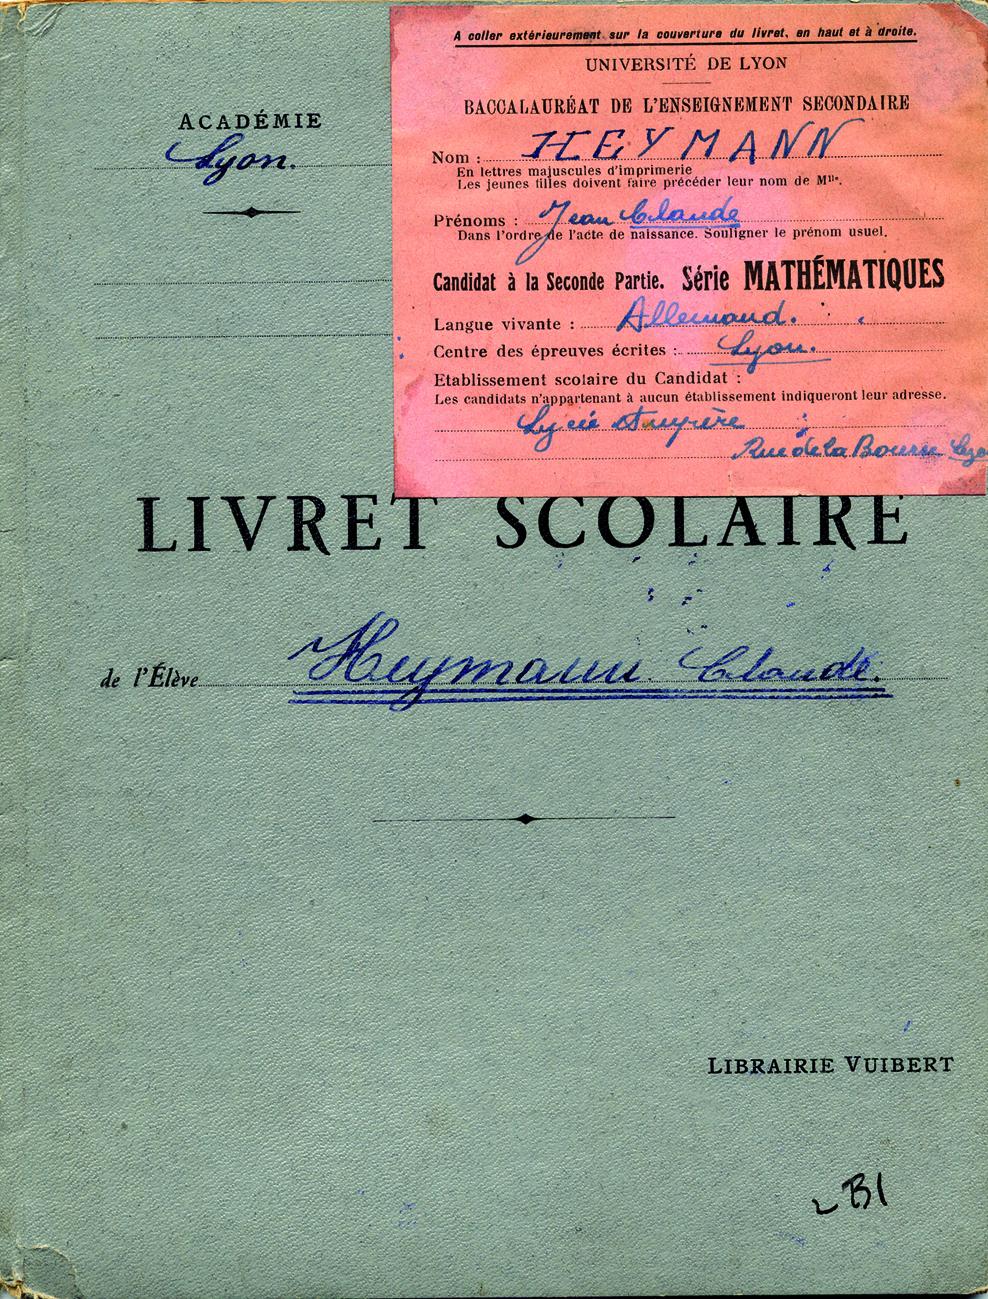 Heymann-Claude3 (Livret scolaire)